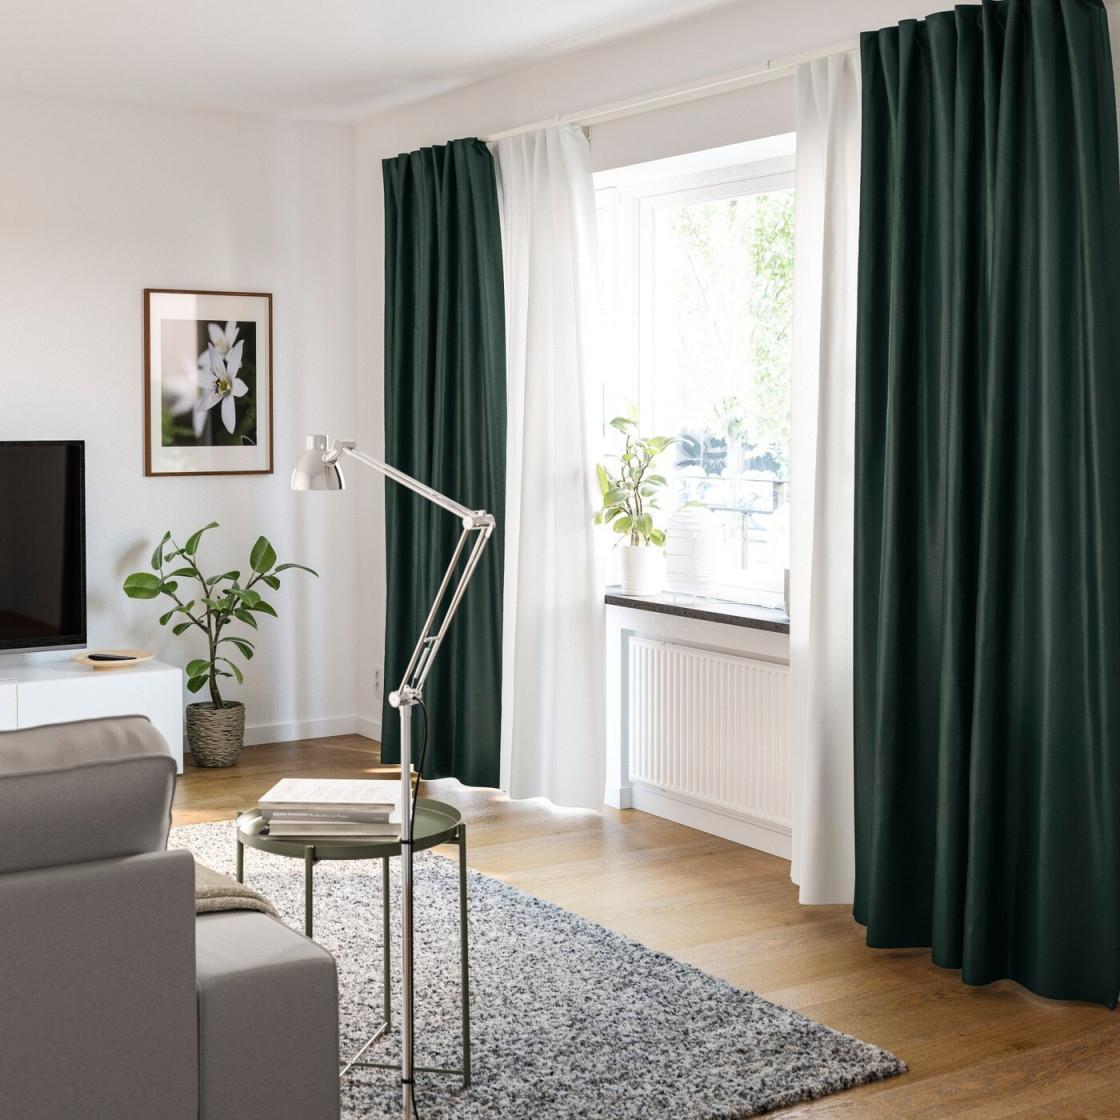 Gardinenideen Inspirationen Für Dein Zuhause  Ikea von Gardinen Wohnzimmer Modern Photo